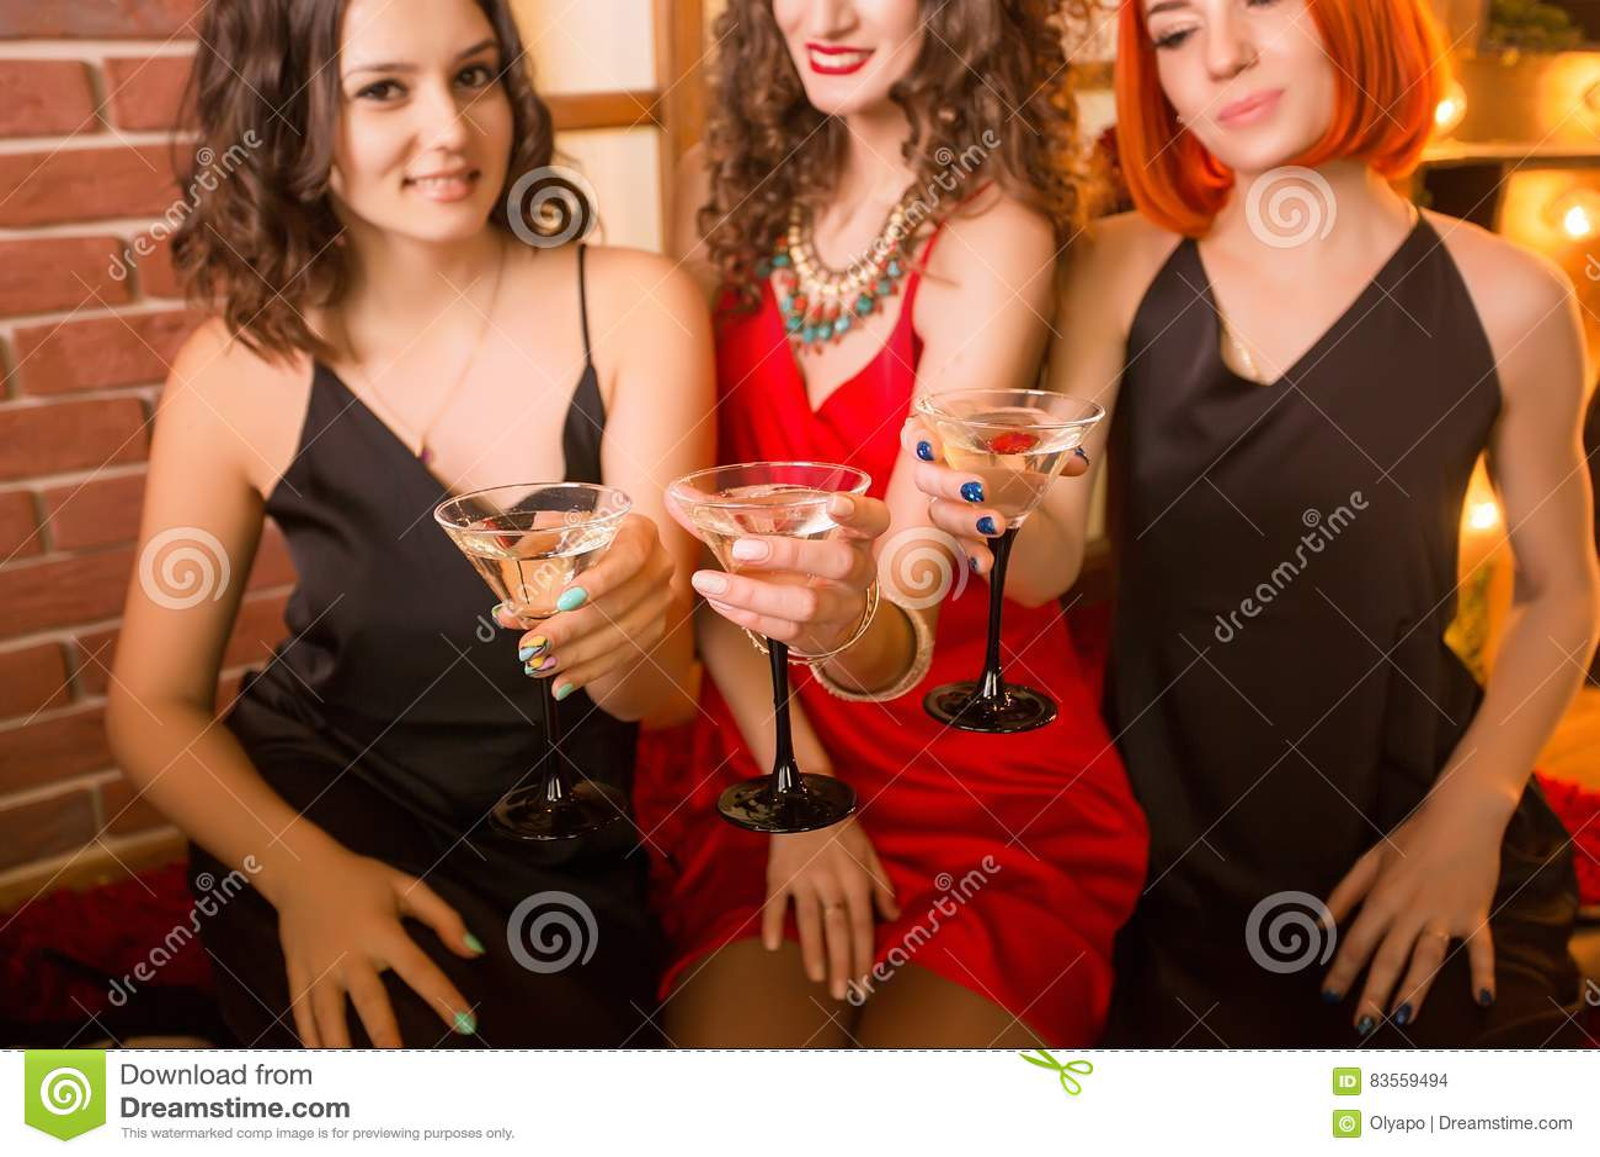 庆祝他们的生日的三个女孩 在相同礼服、黑色和红色的妇女的聚会